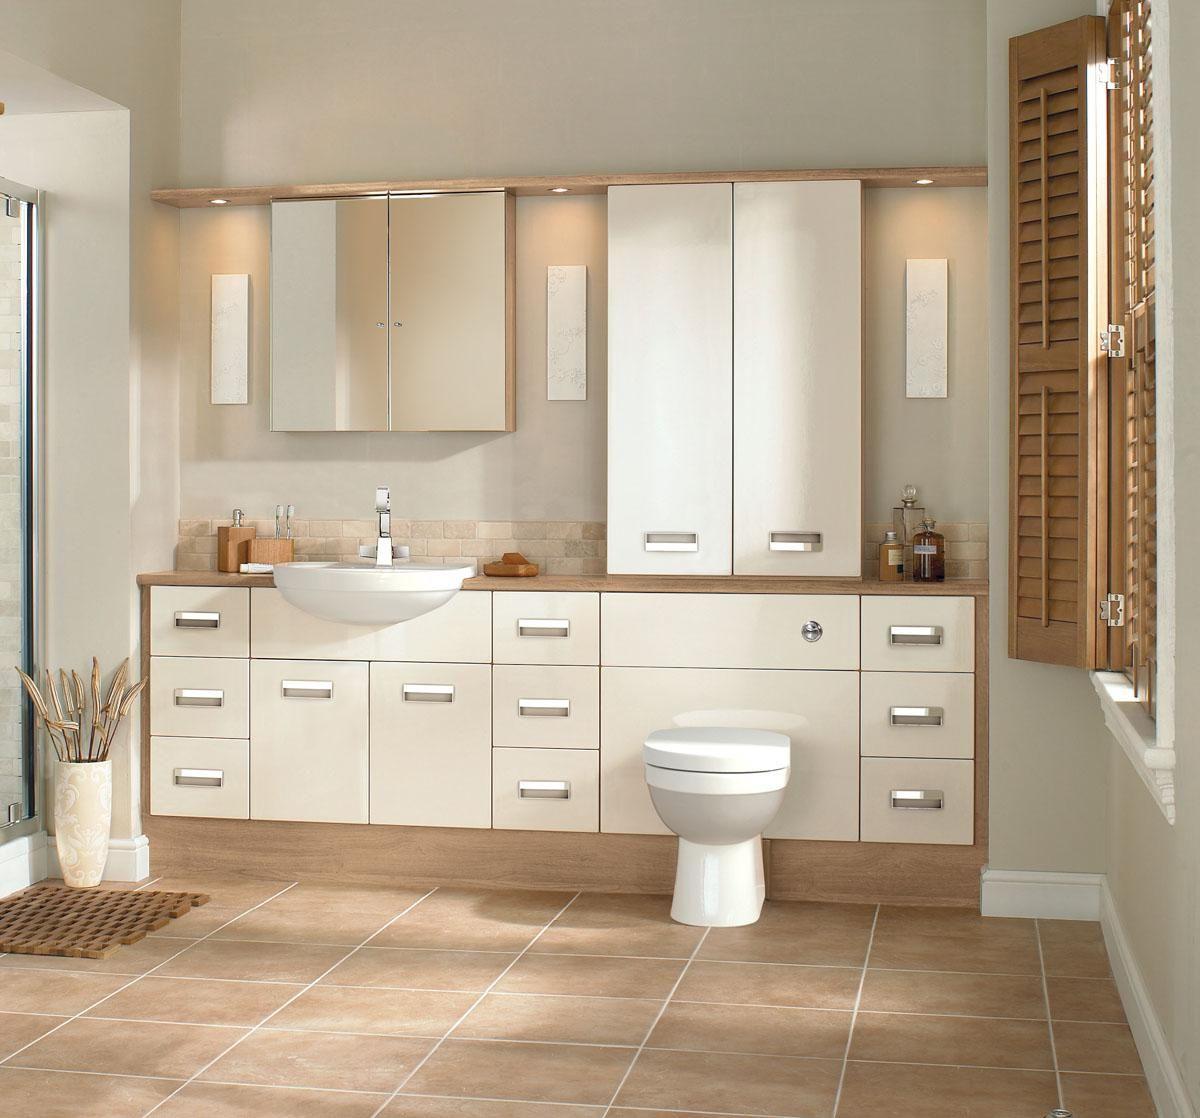 Badezimmer eitelkeiten 60 einzel waschbecken top  kleine ausgestattete badezimmermöbel trends   bad